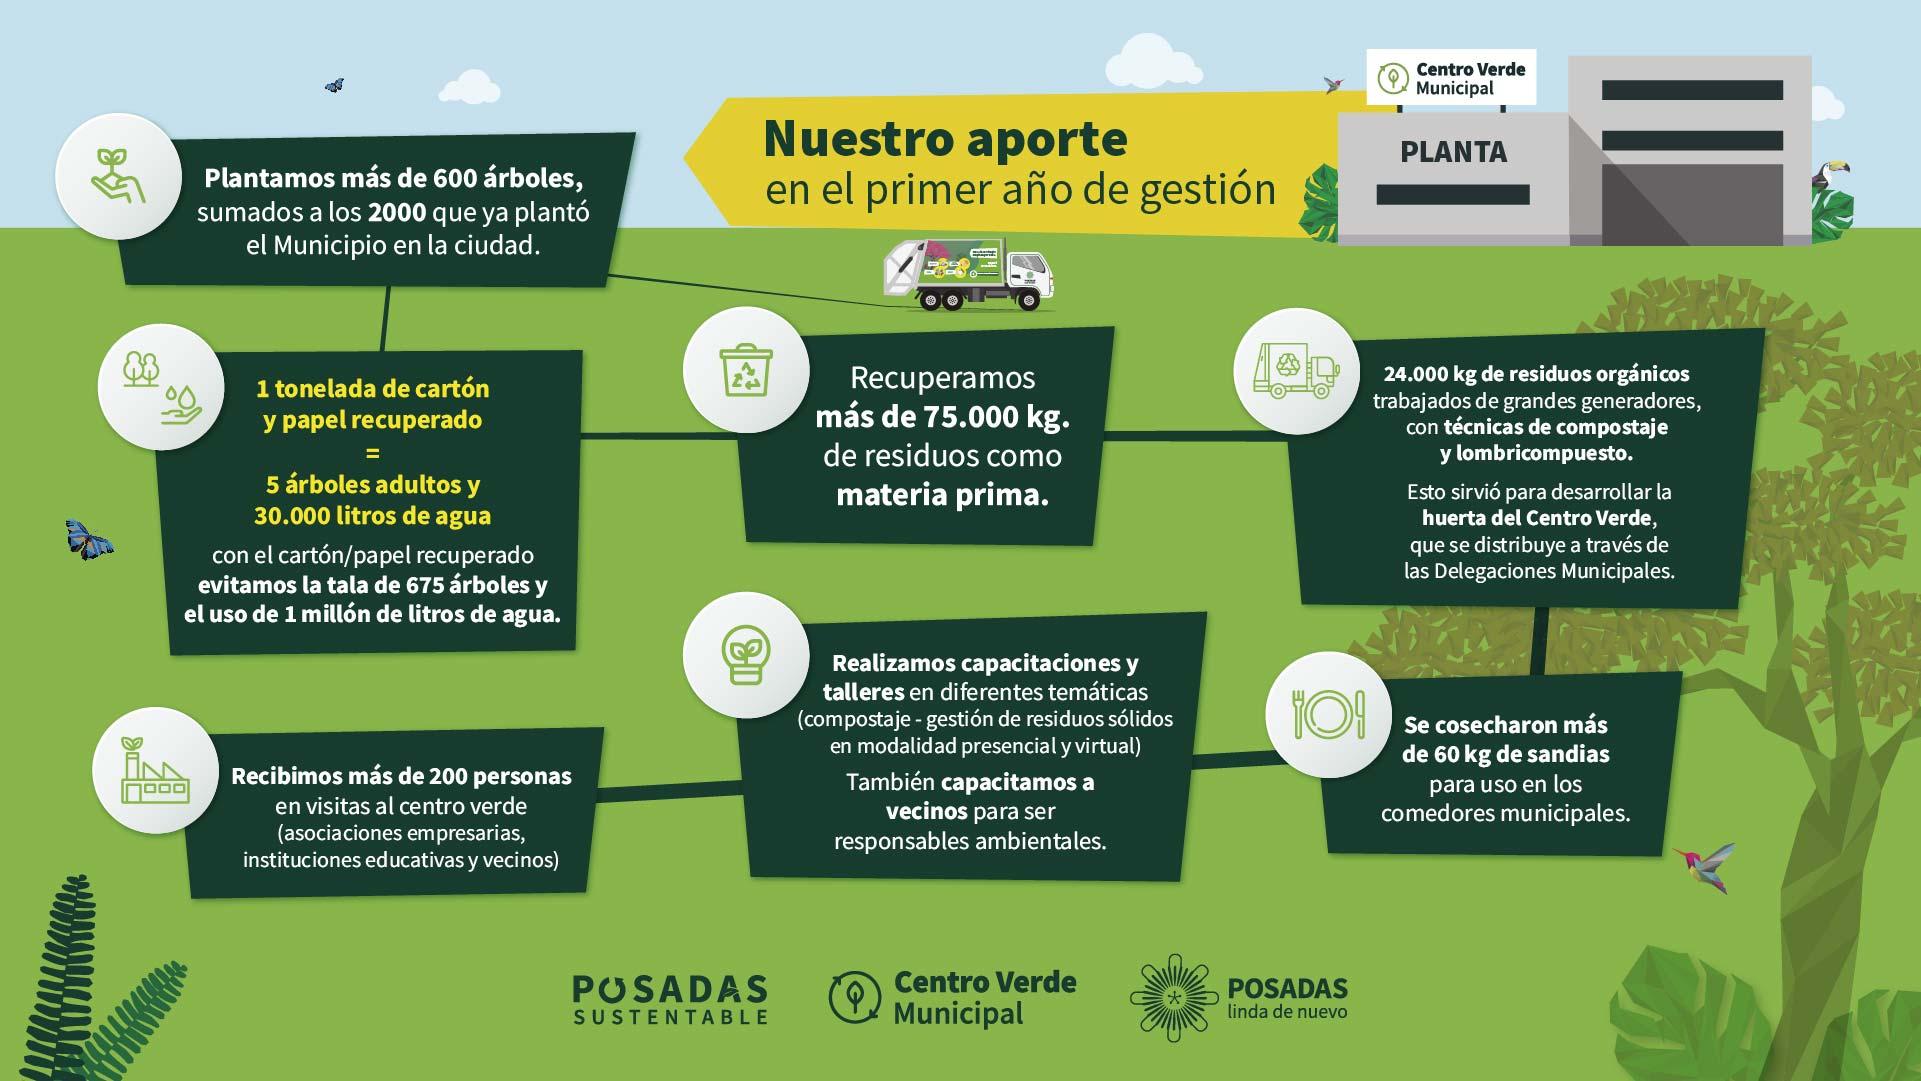 El Centro Verde generó un ambiente más saludable